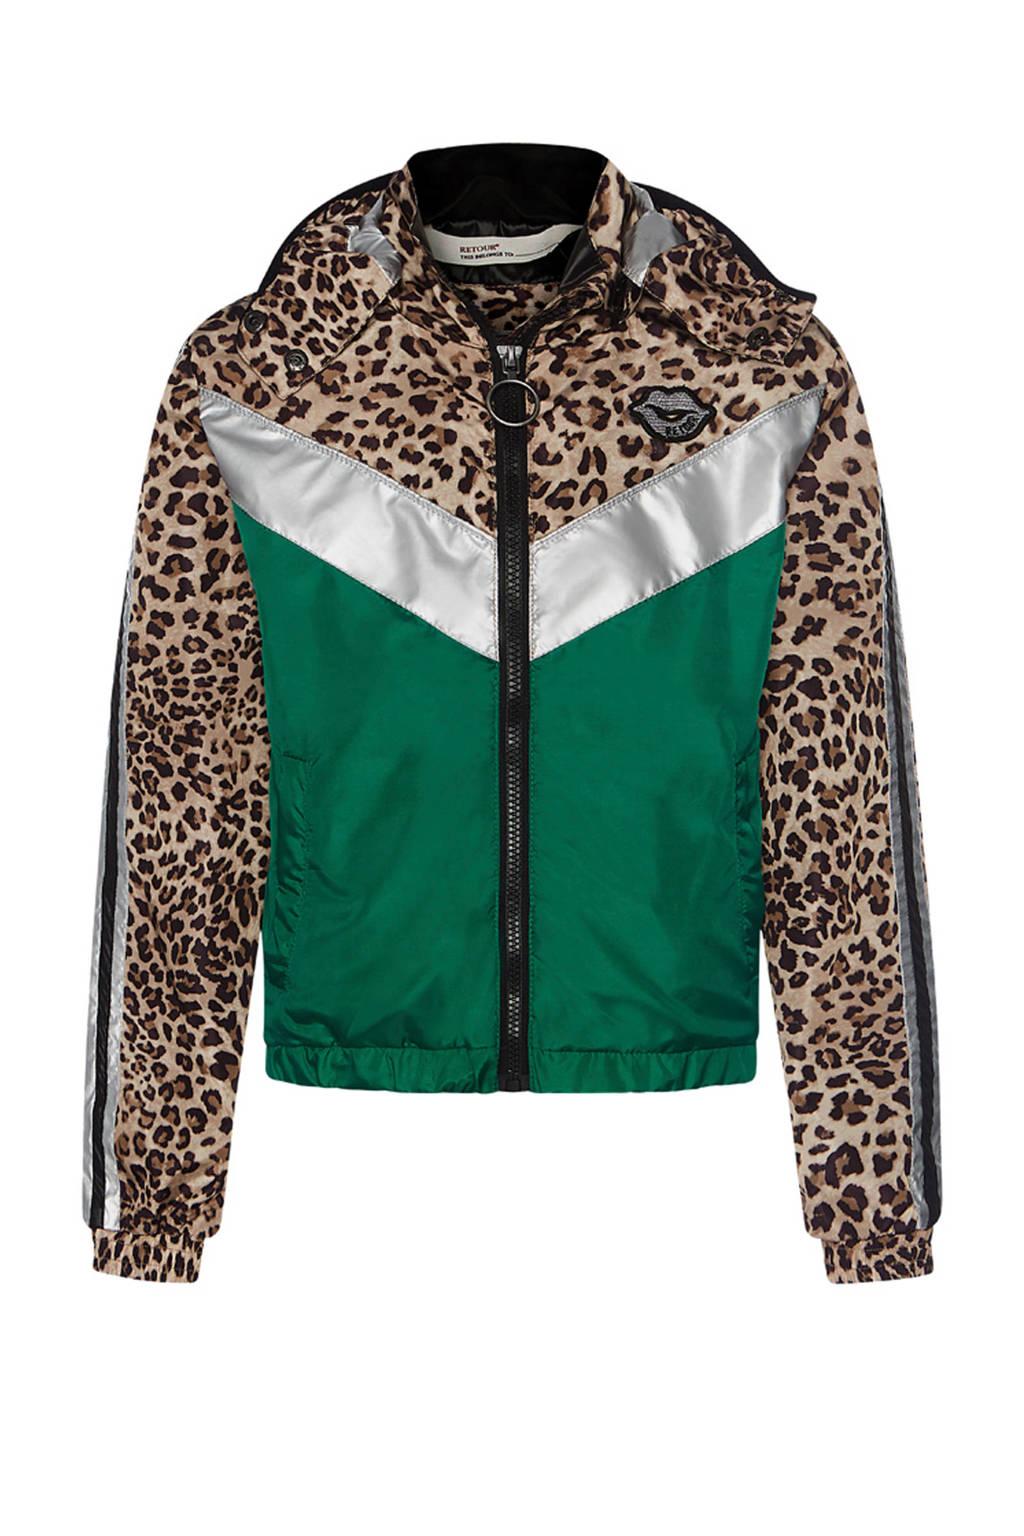 Retour Denim jas Carrie met panterprint groen/bruin/wit, Groen/bruin/wit